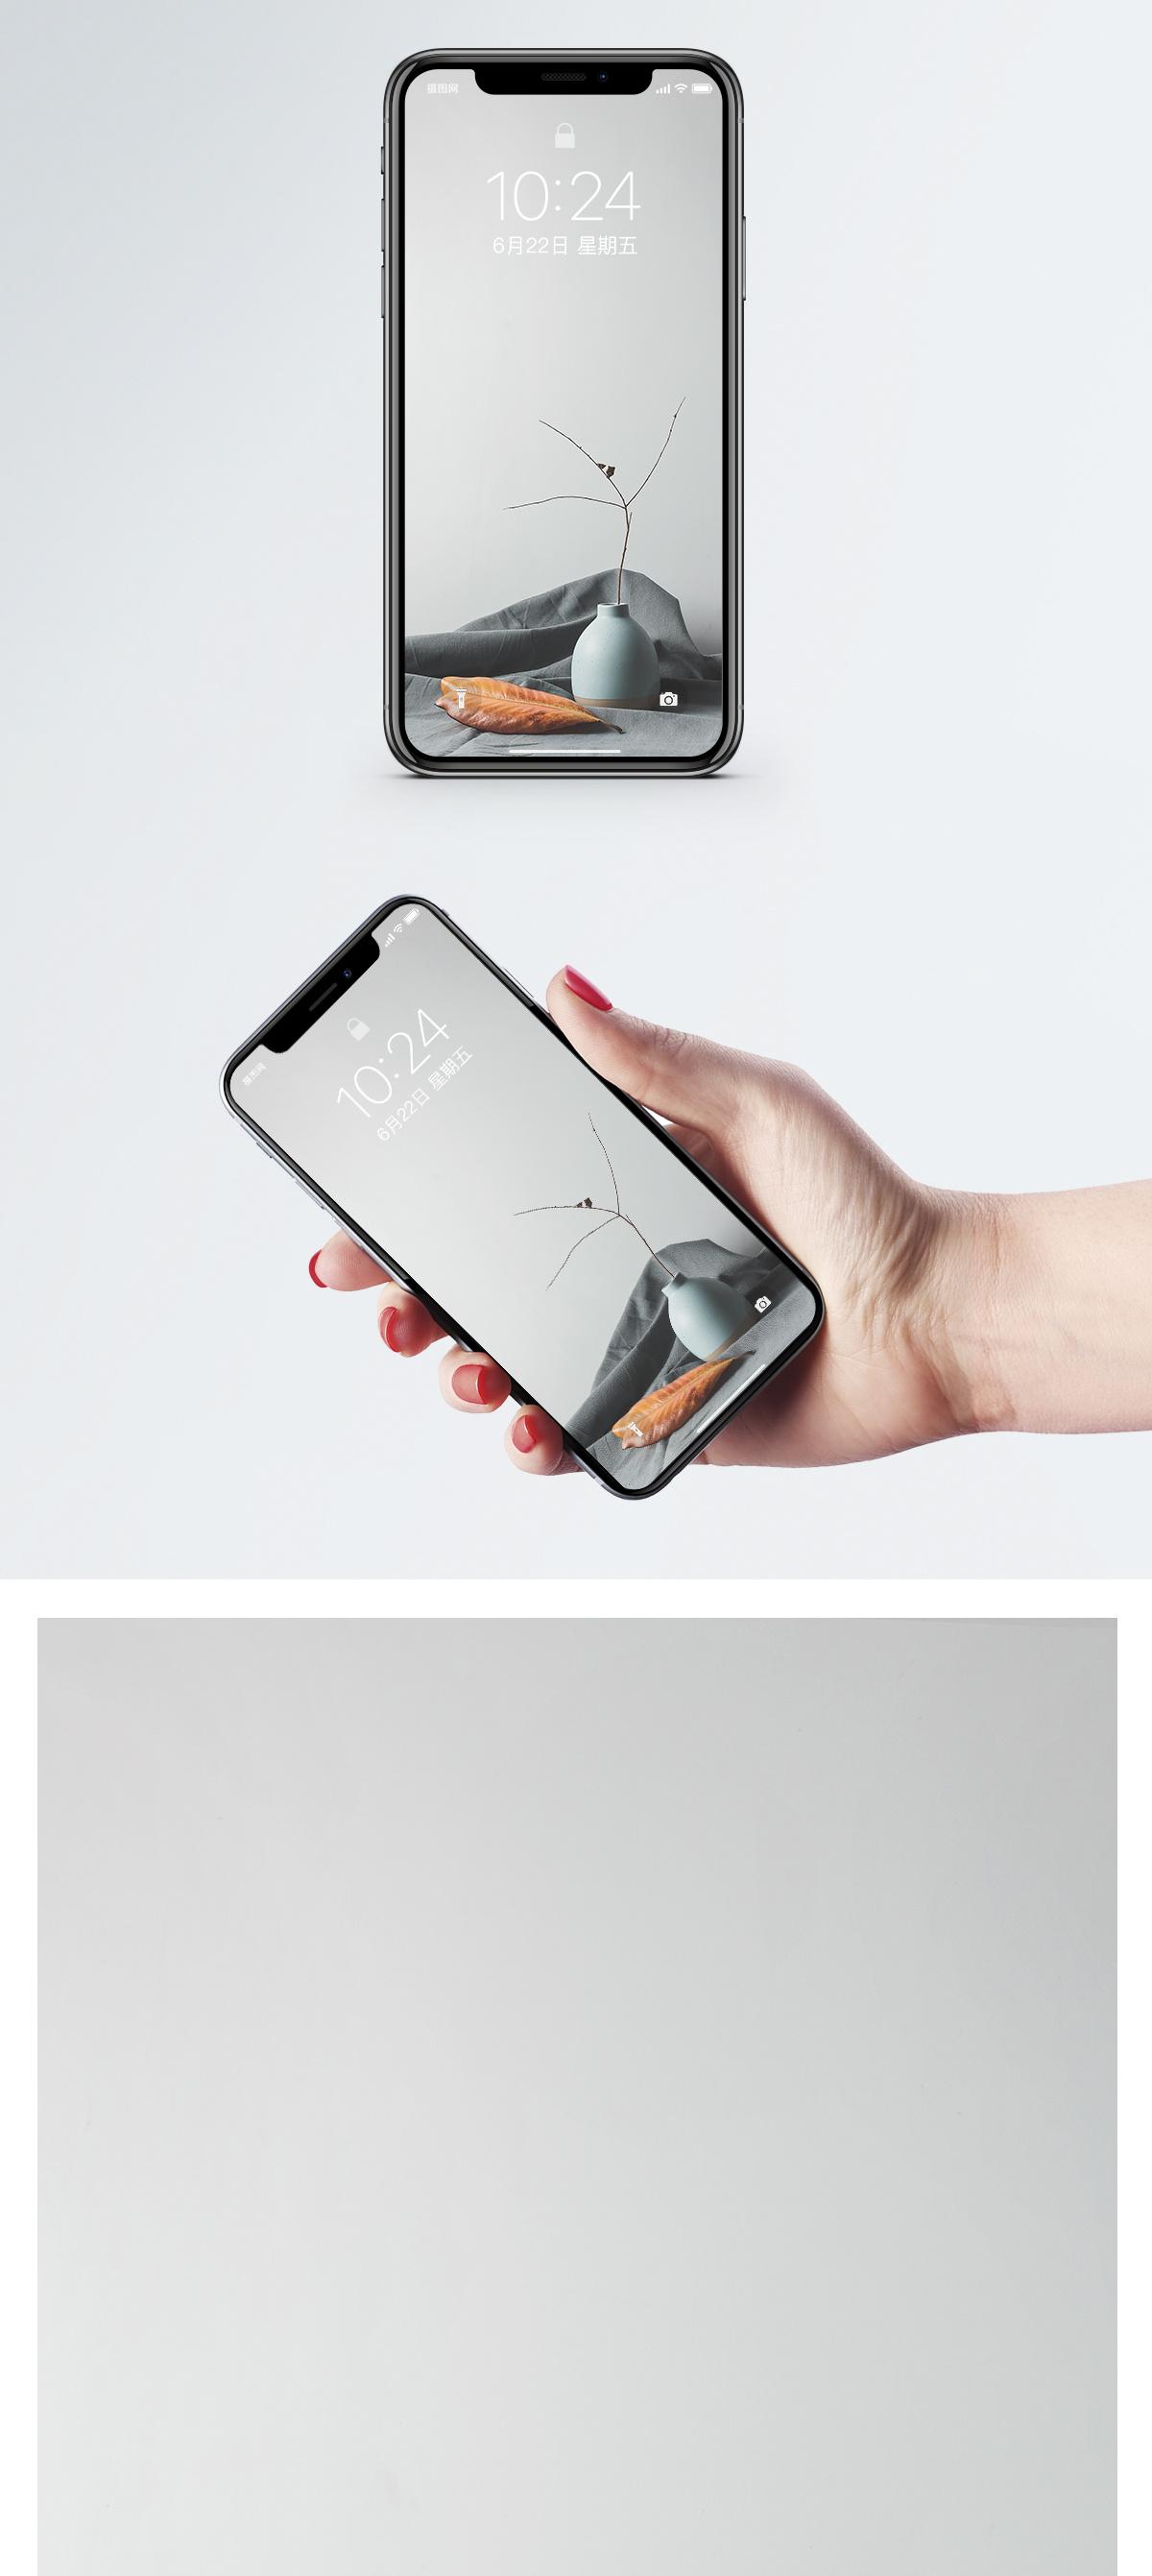 静物手机壁纸